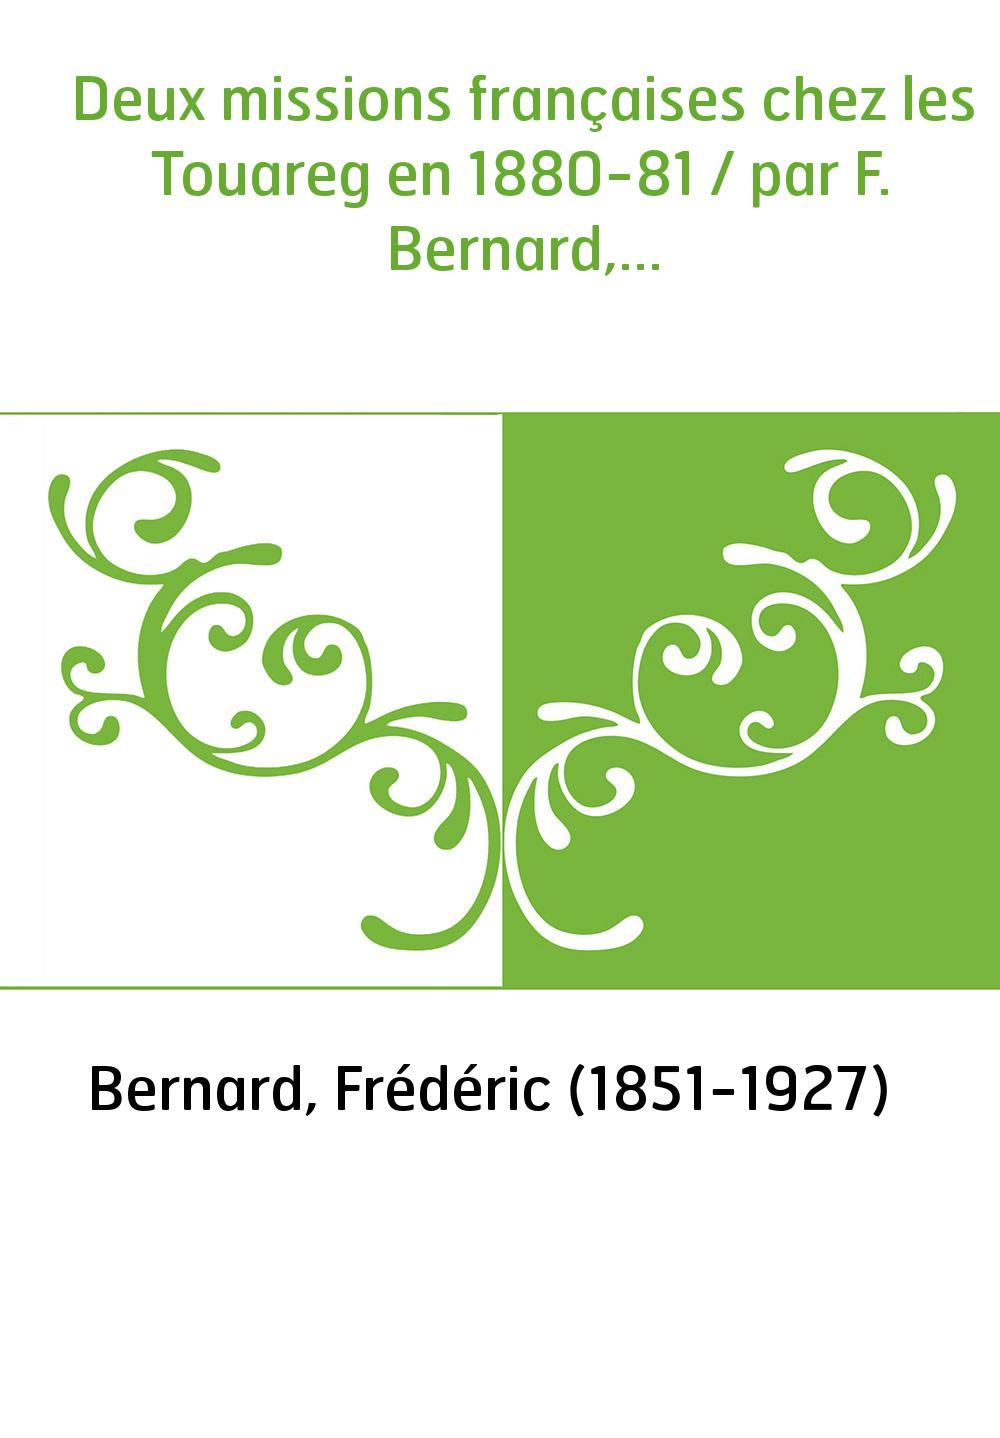 Deux missions françaises chez les Touareg en 1880-81 / par F. Bernard,...